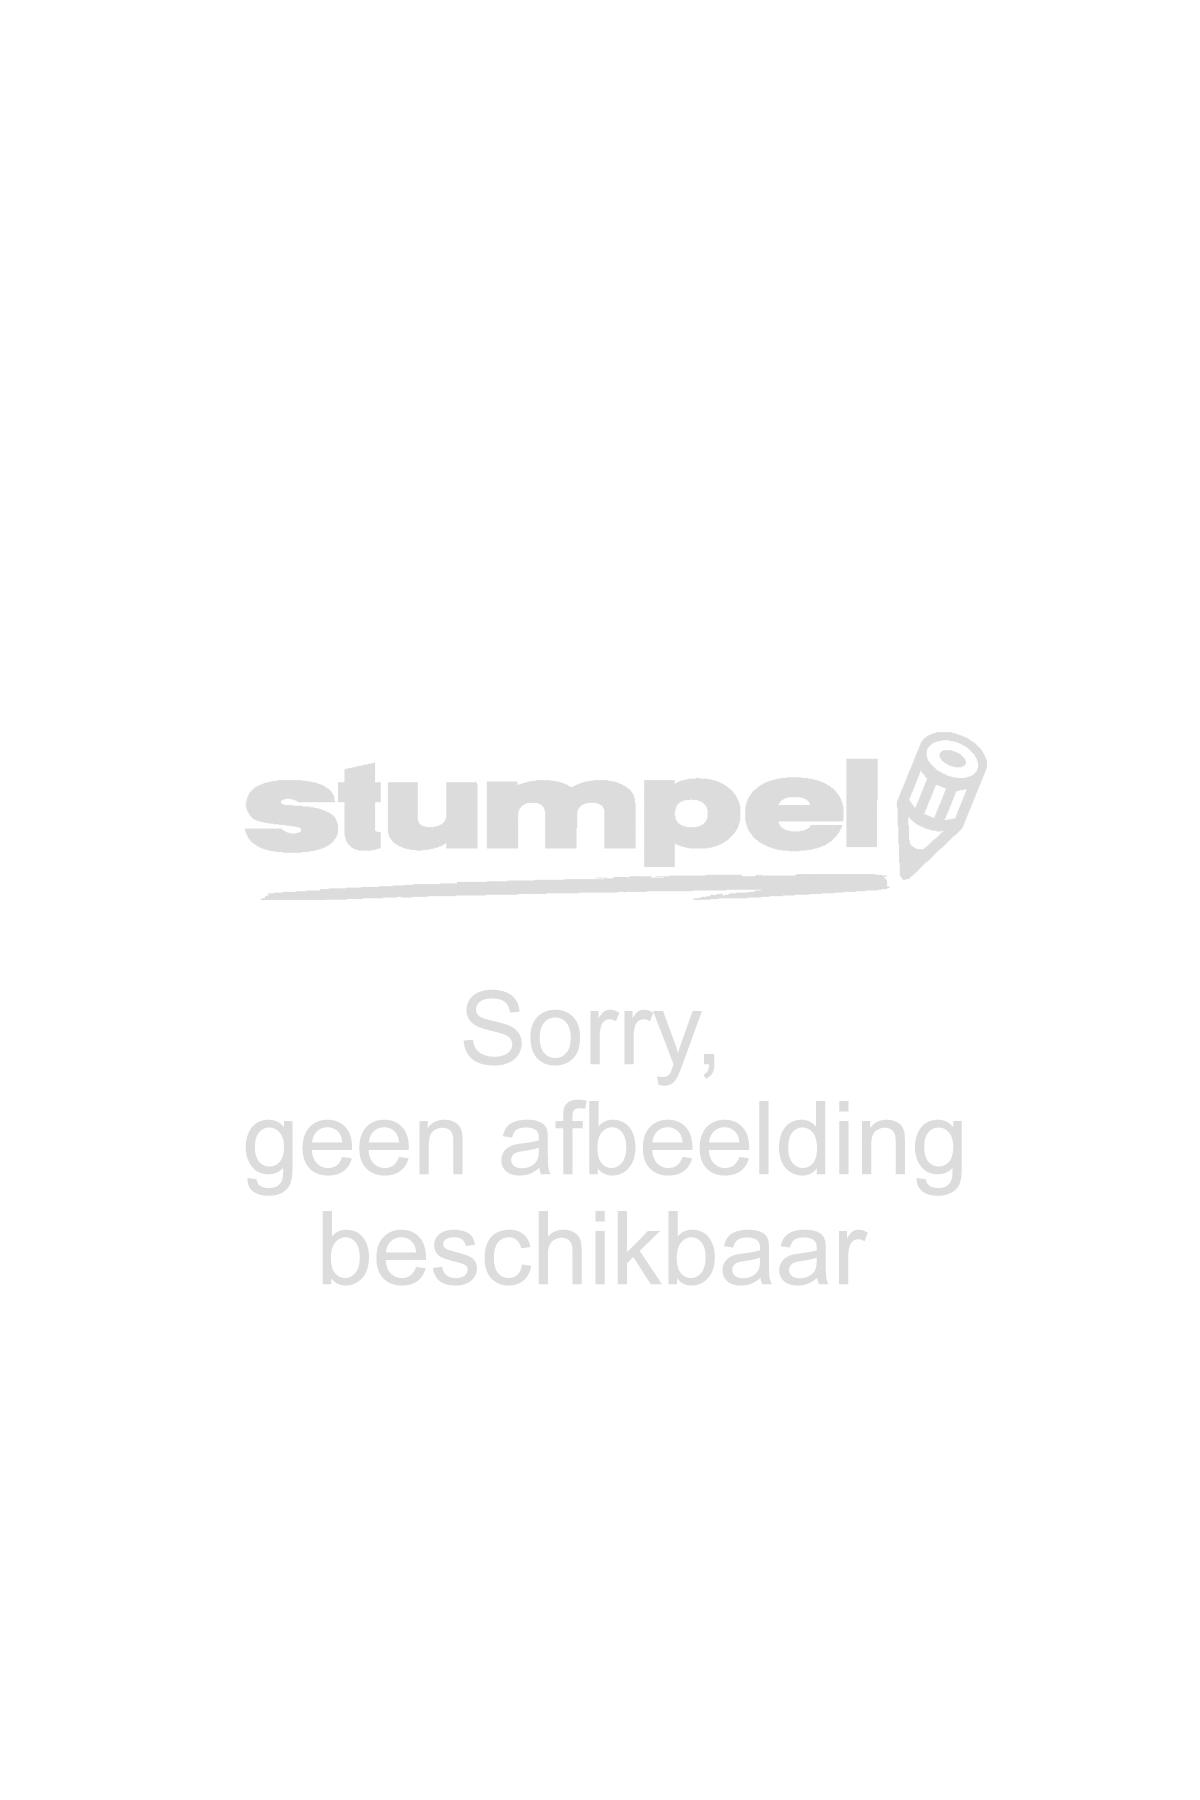 paraplu-stormini-opvouwbaar-zilver-impliva-10815985